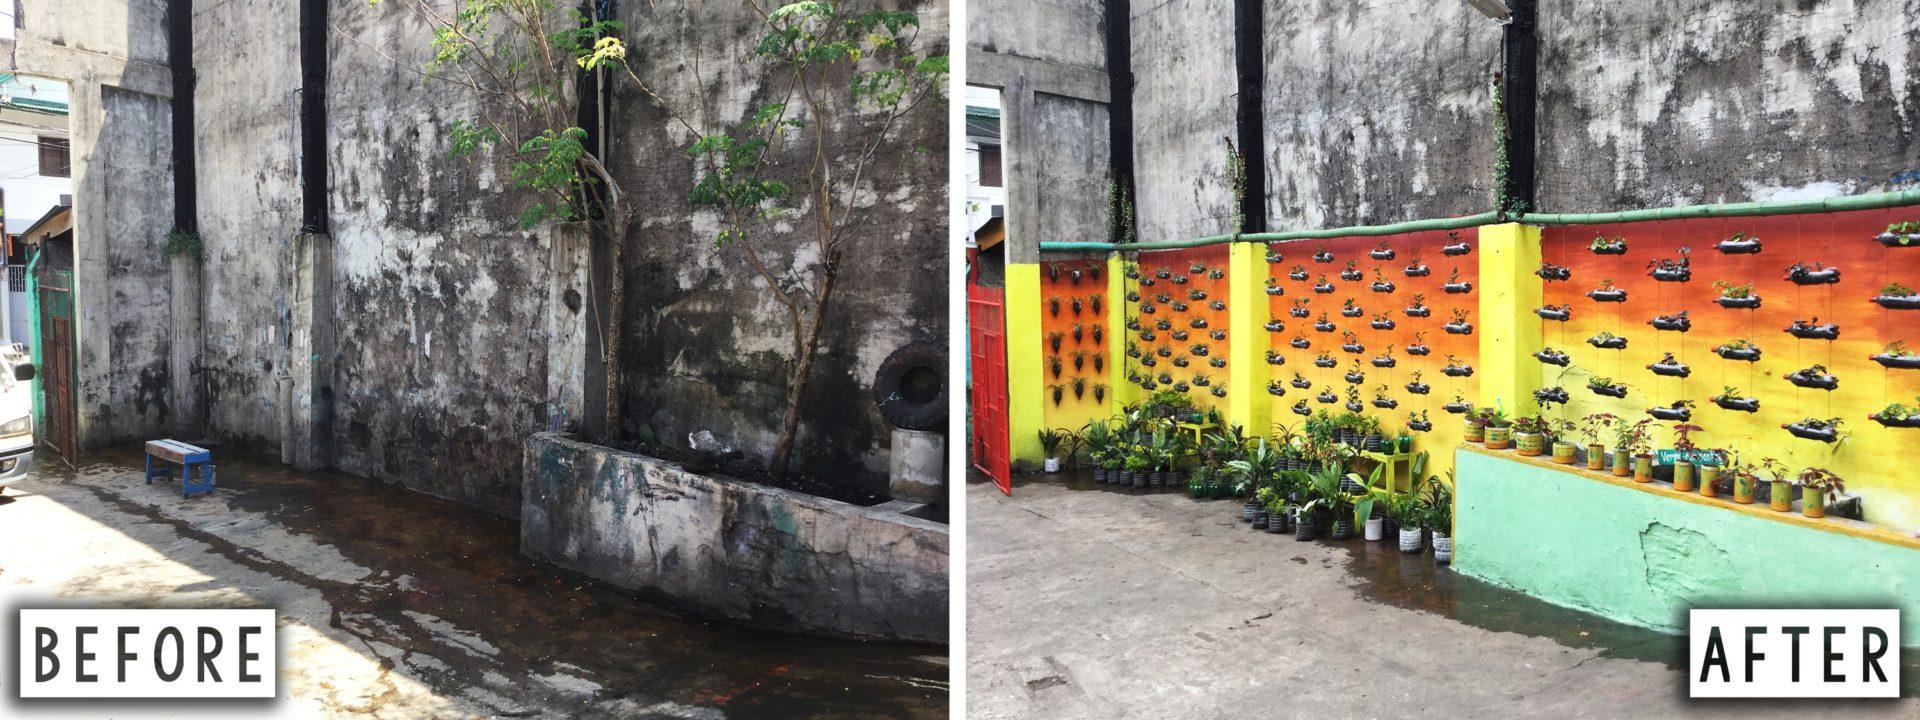 Barangay Potrero Malabon City vor und nach der Implementierung des Zero Wase Programms © Mother Earth Foundation